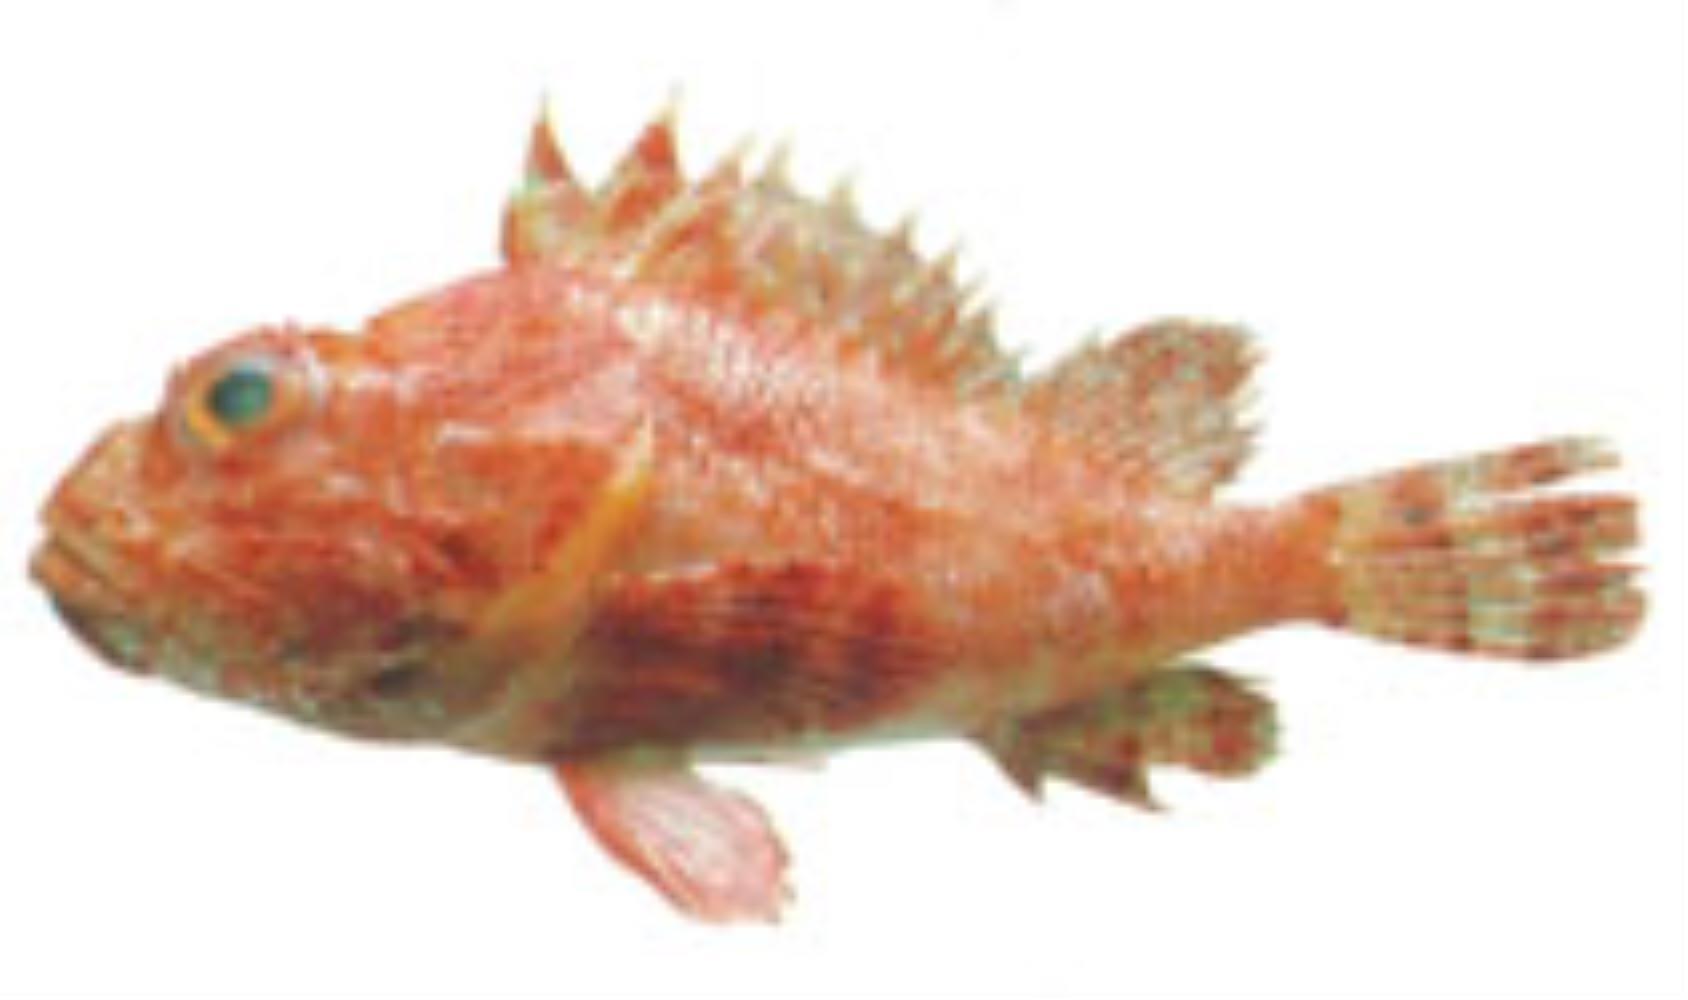 Hunchback scorpionfish